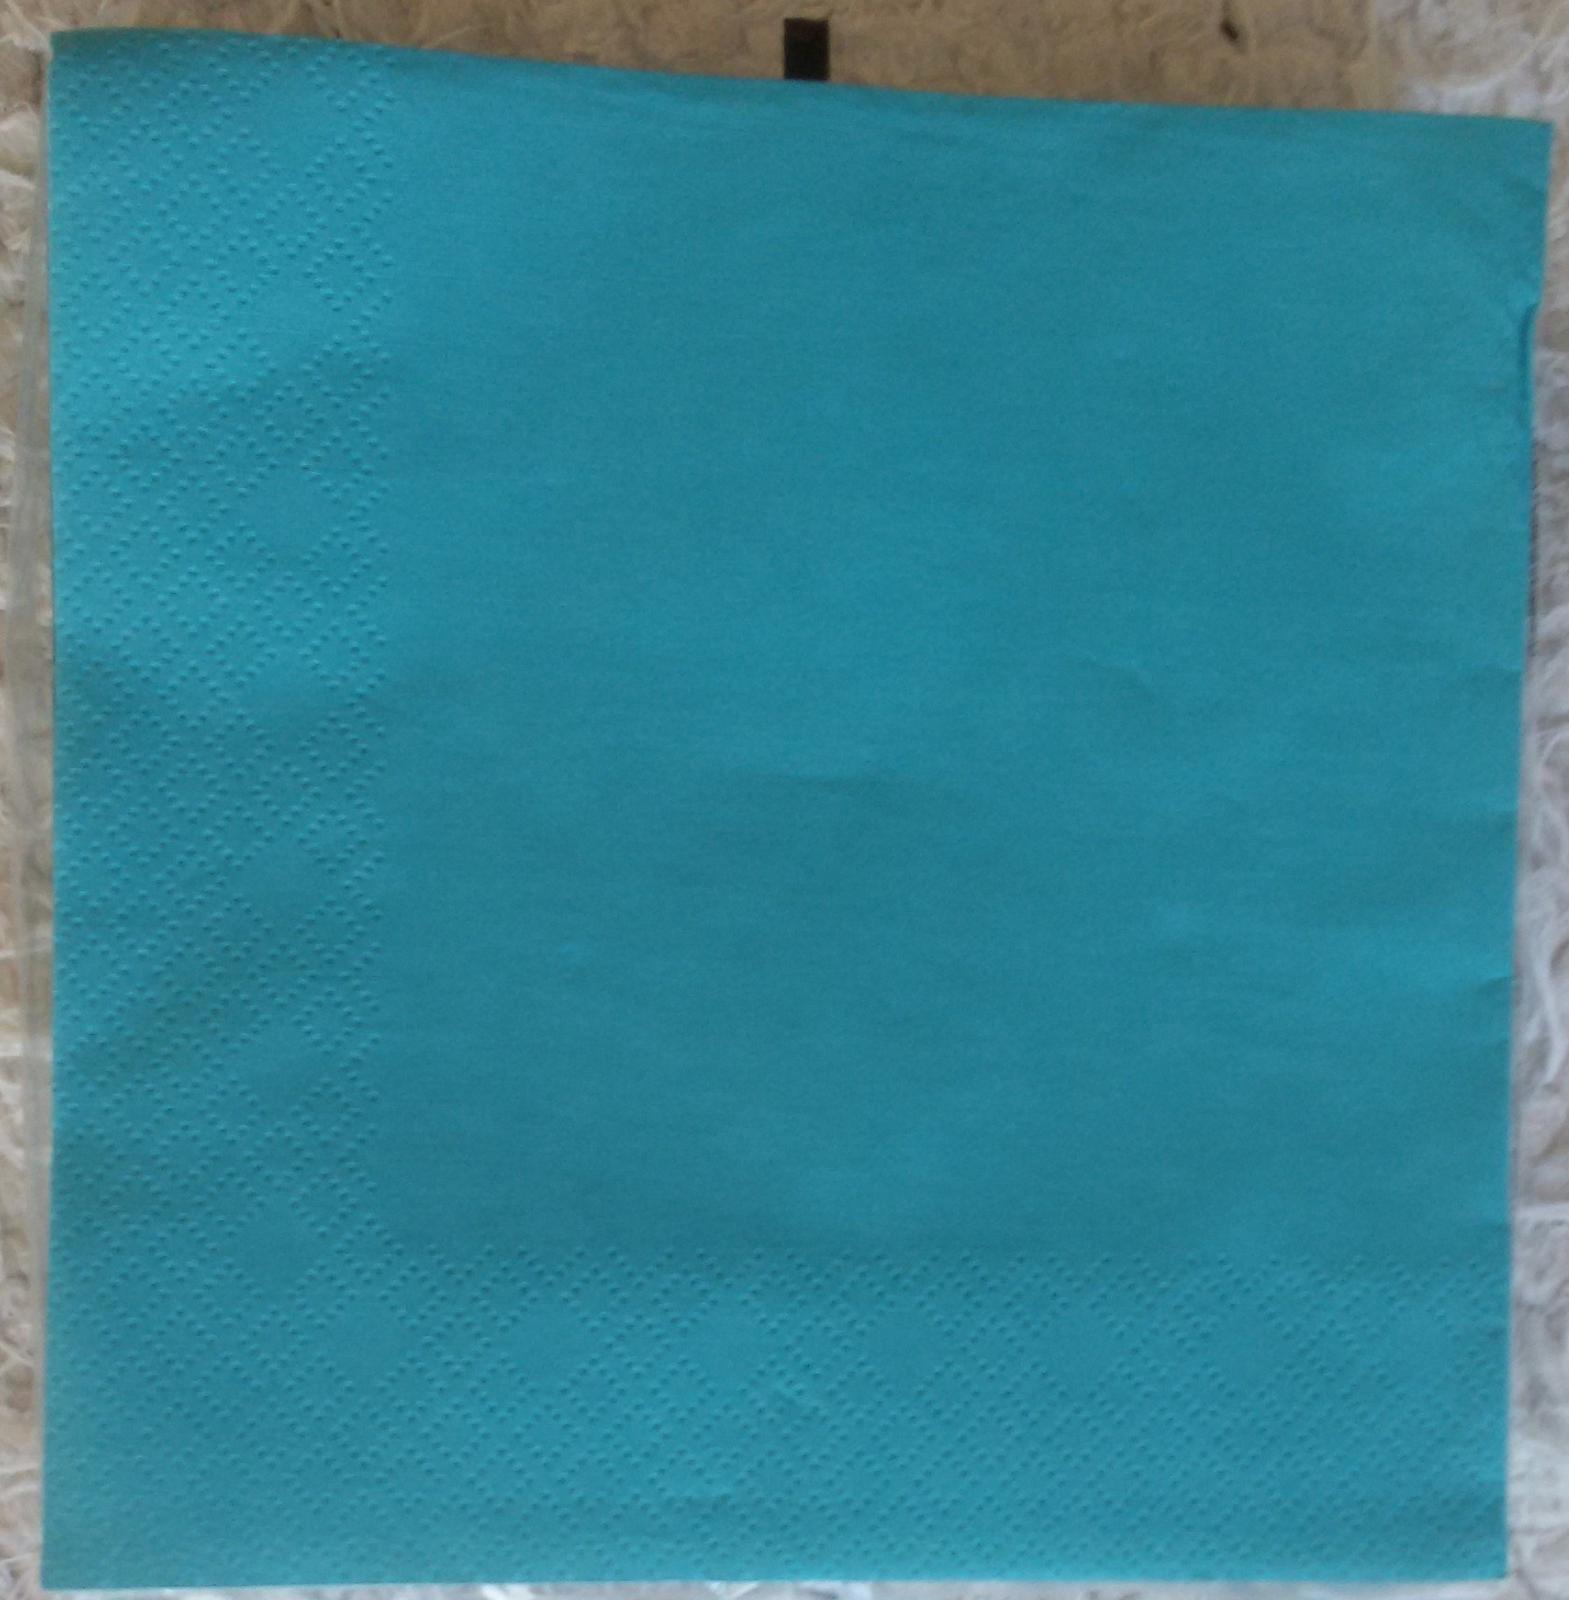 tyrkysové, mint ubrousky - Obrázek č. 1